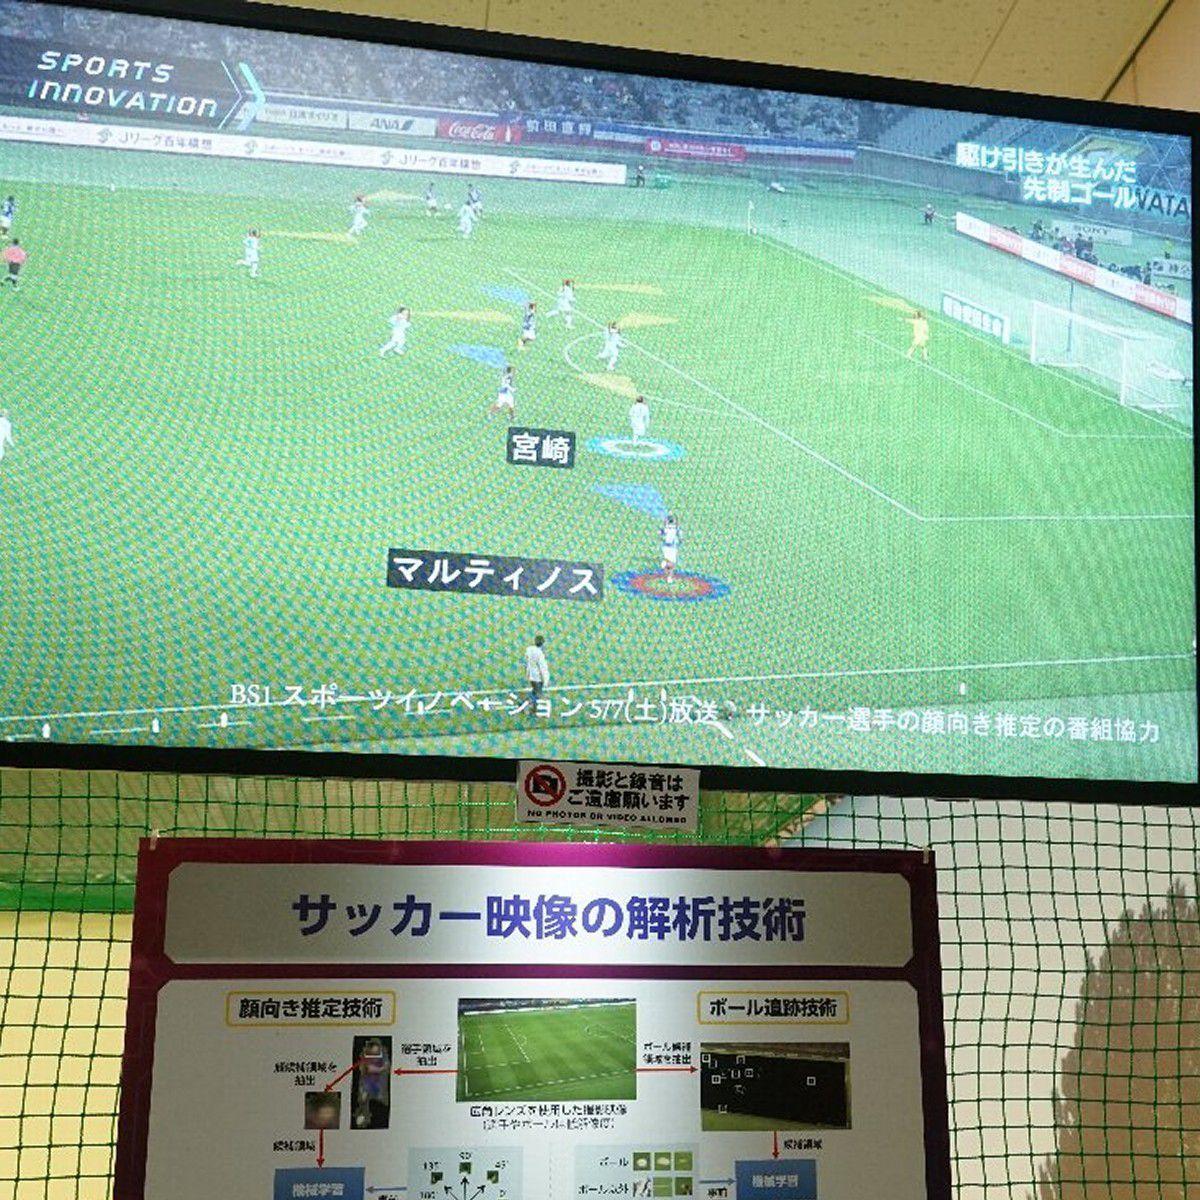 サッカー選手の目線が丸わかり! NHK「技研公開2017」5月25~28日に開催